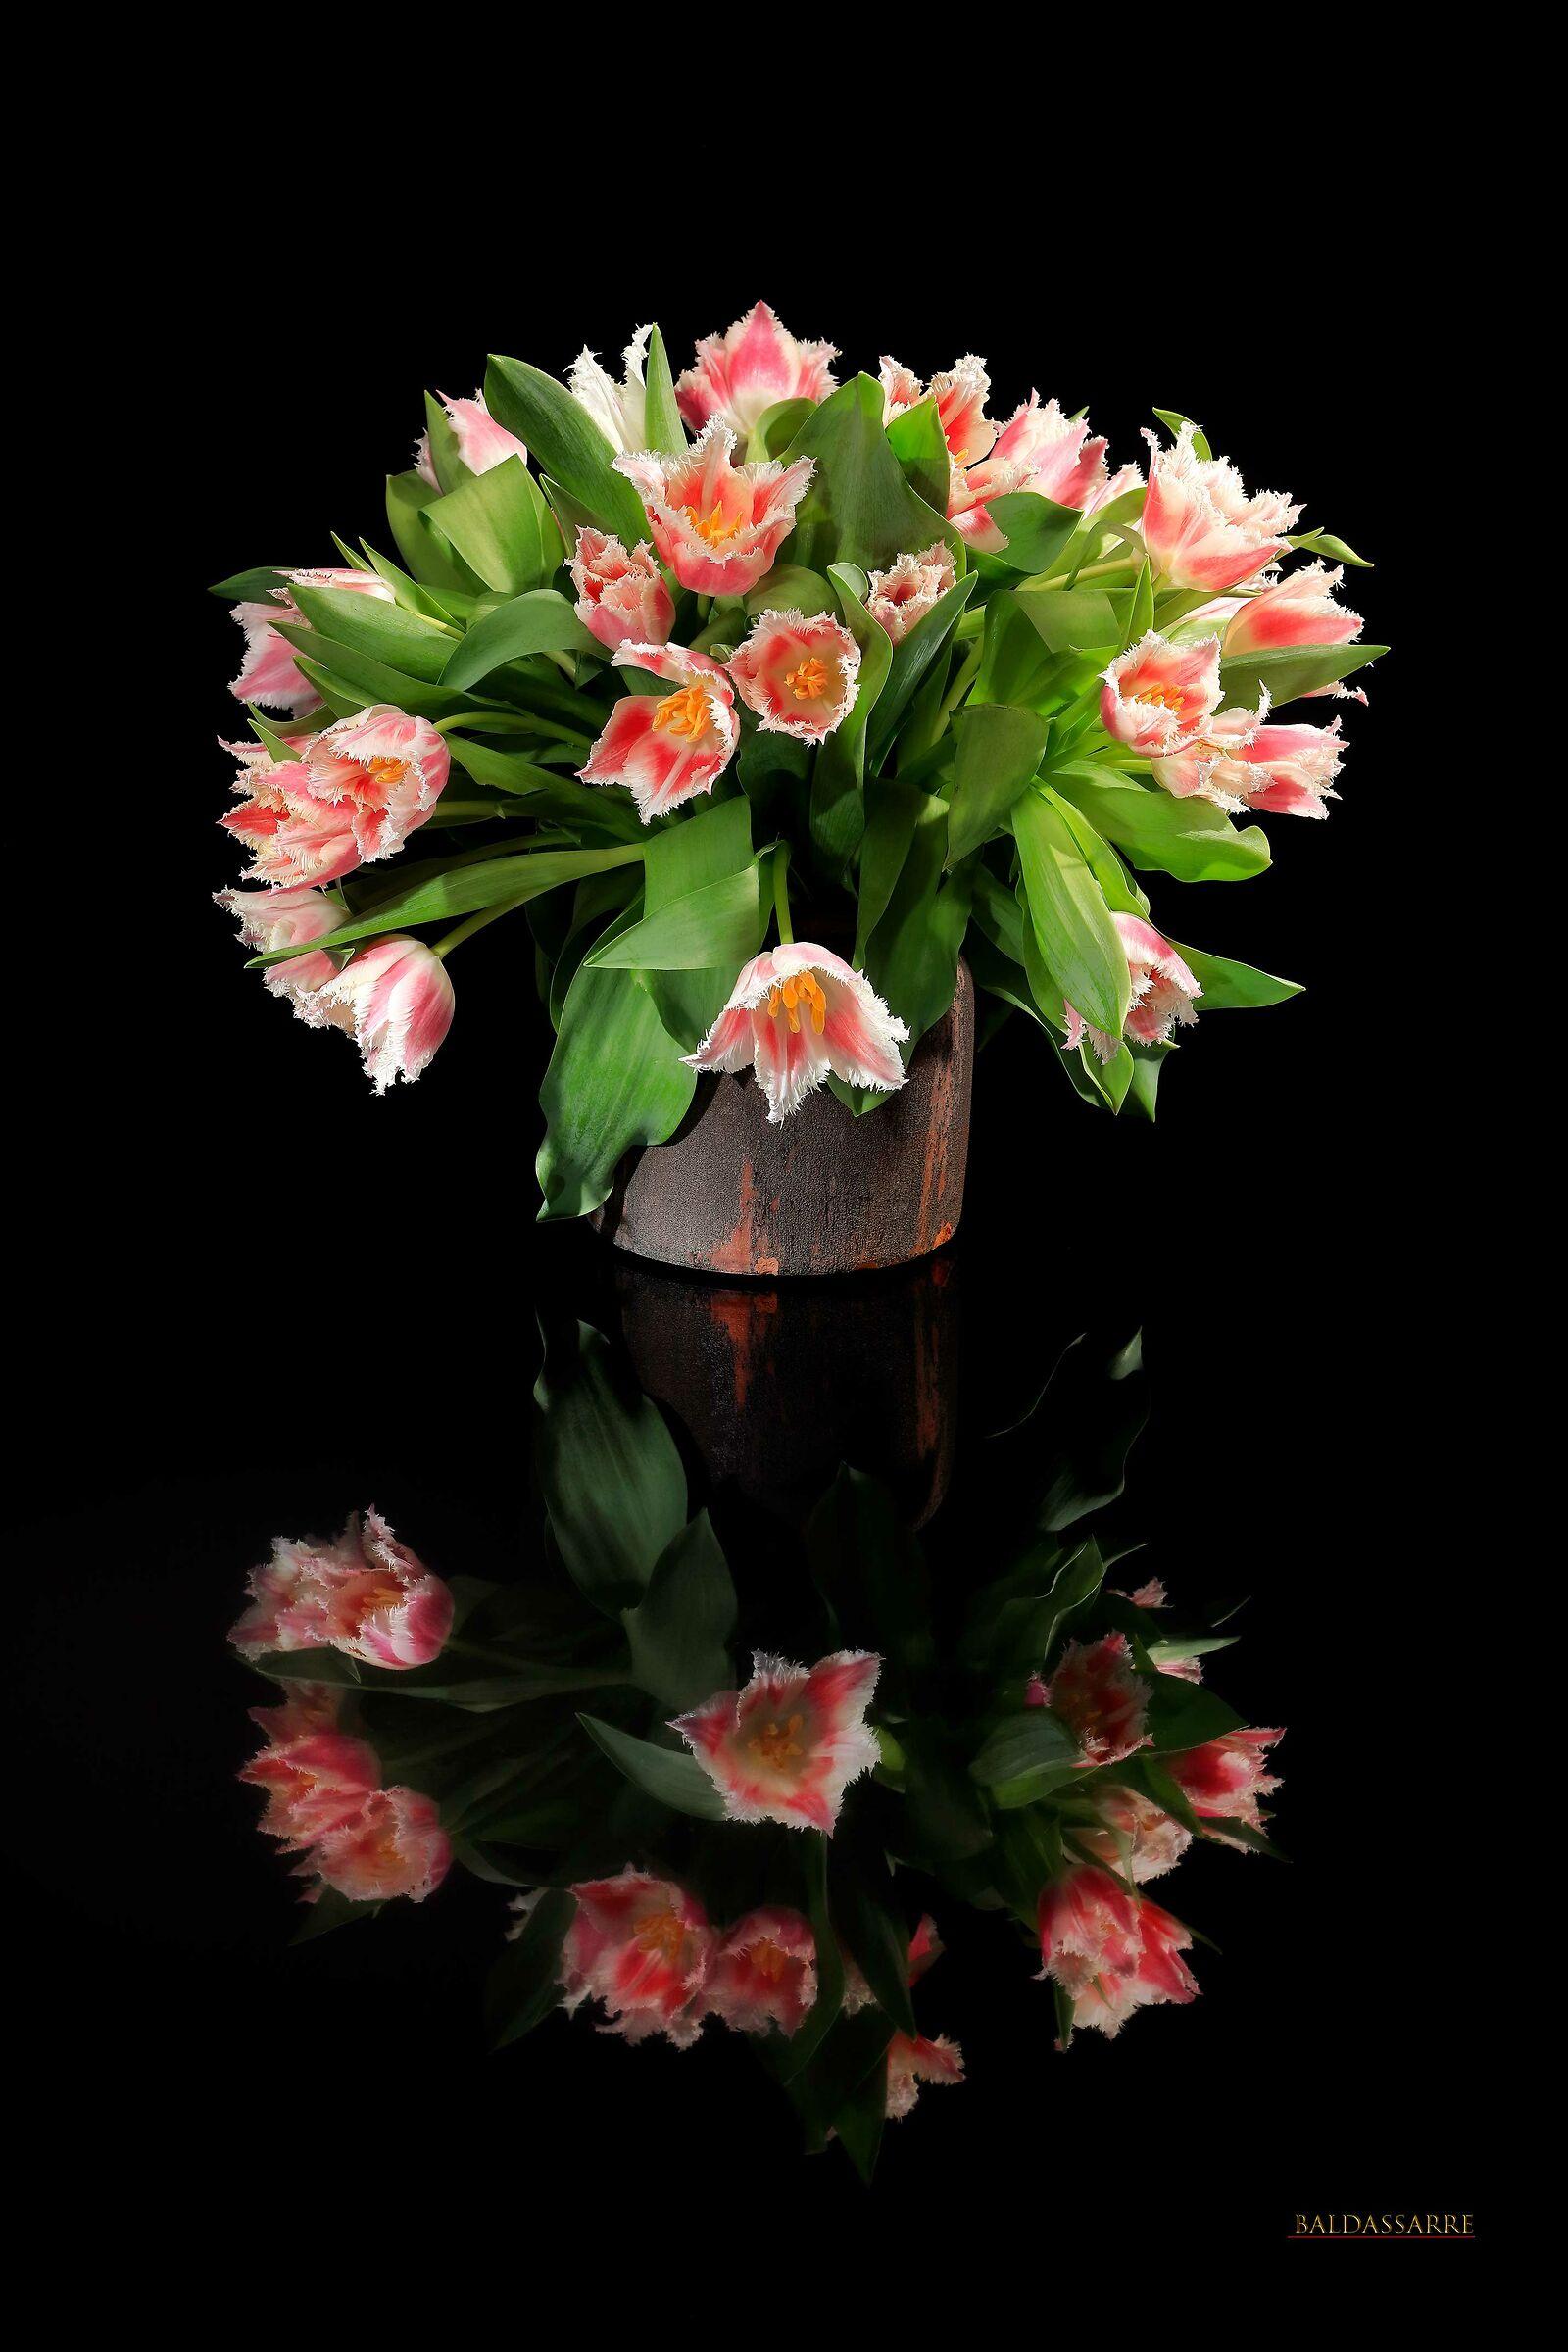 Composizione floreale danese con riflesso...